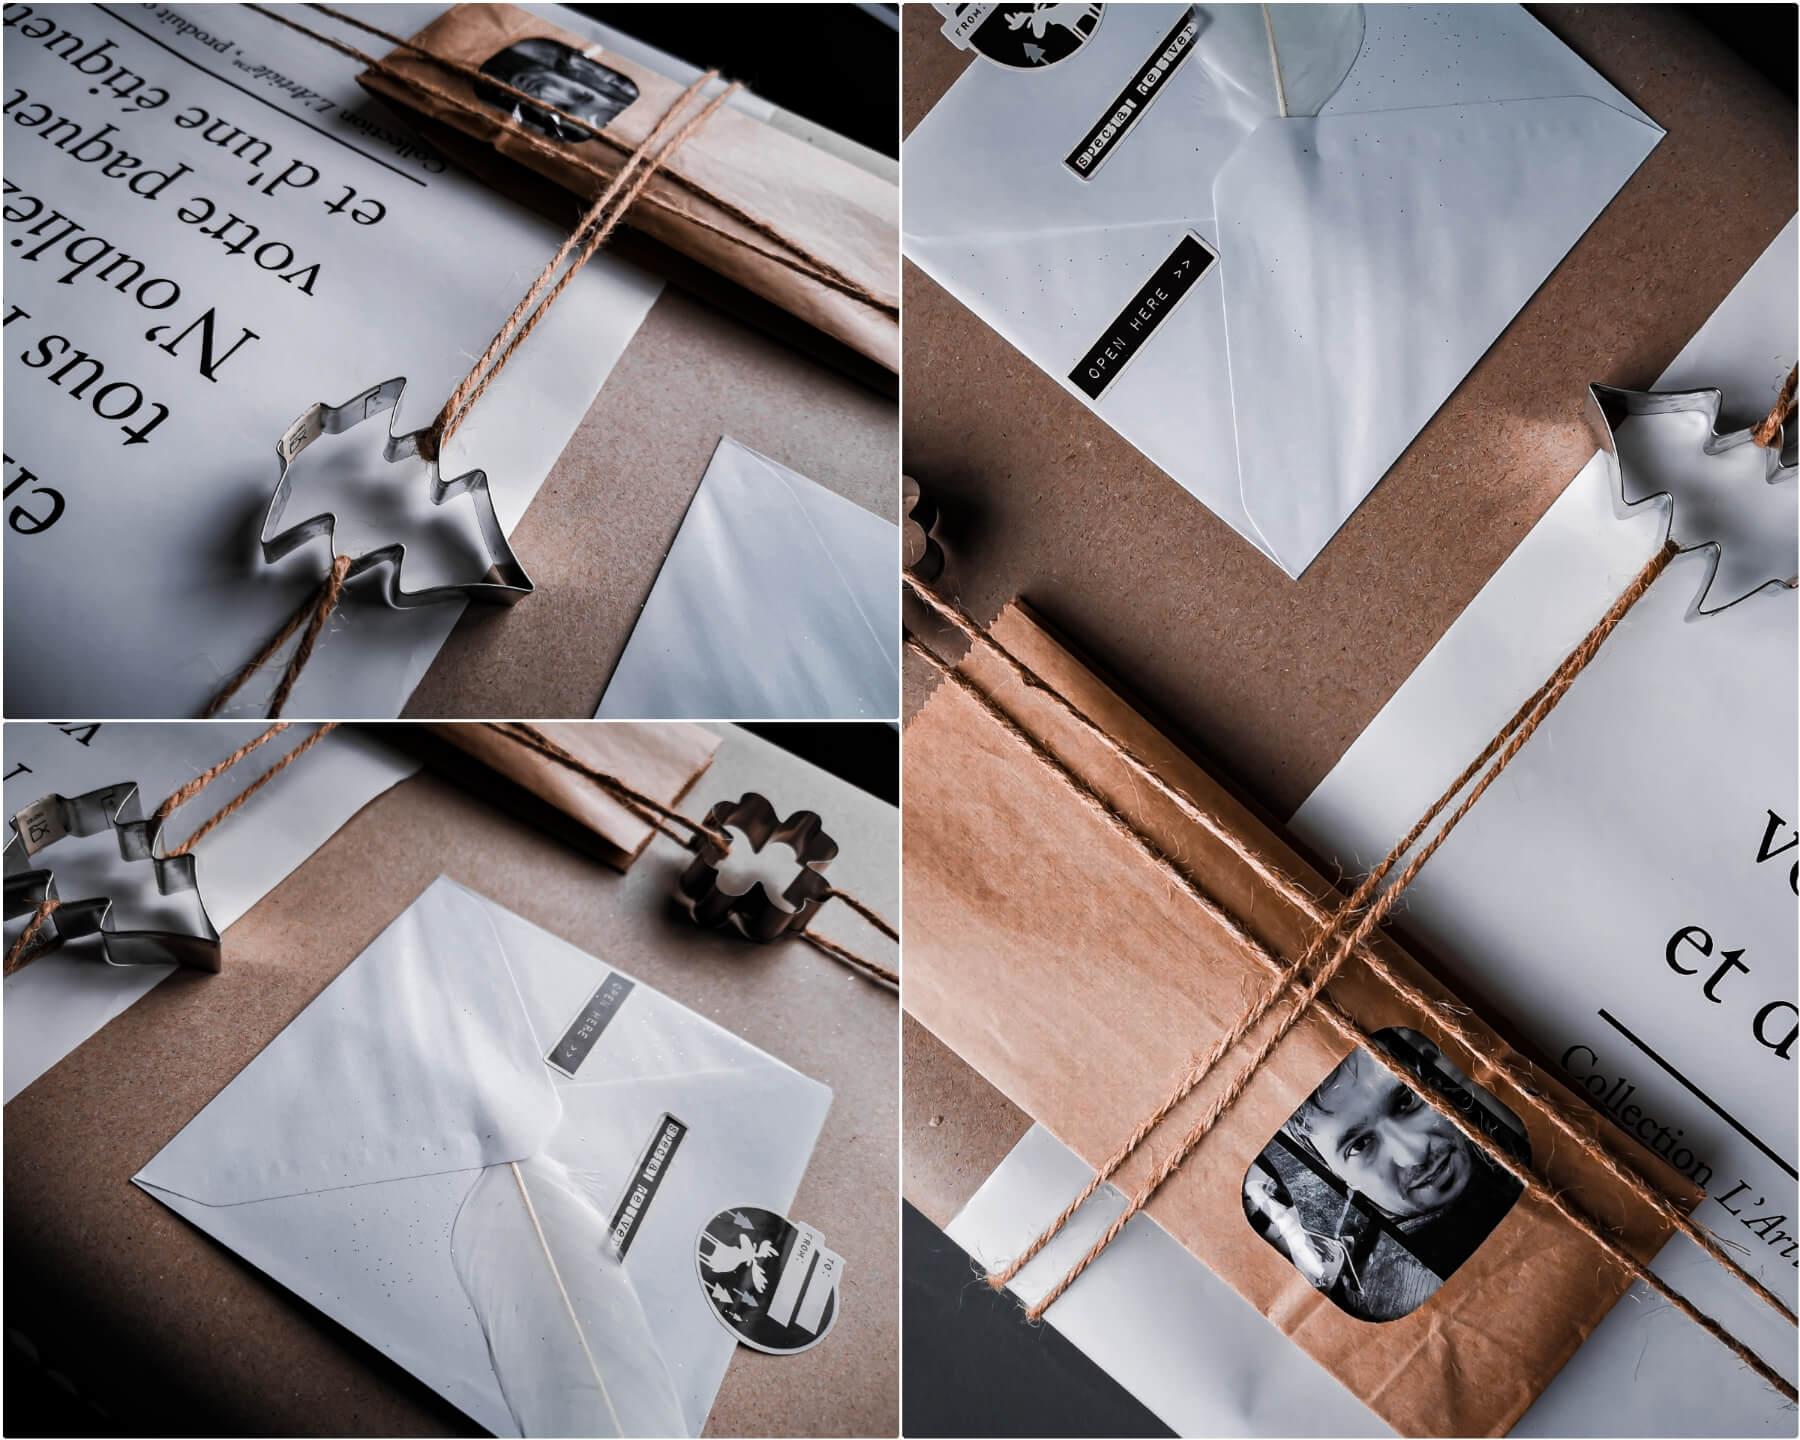 inCollage 20191208 170729642 resized 20191208 050953123 1 - 11 tipov ako zabaliť vianočné darčeky originálne a kreatívne